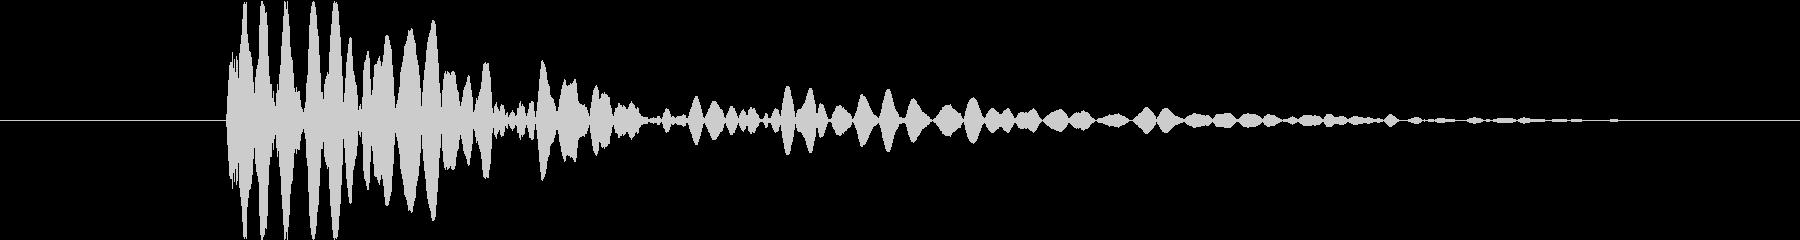 怪物のジャンプ_ドスン_打撃音の未再生の波形